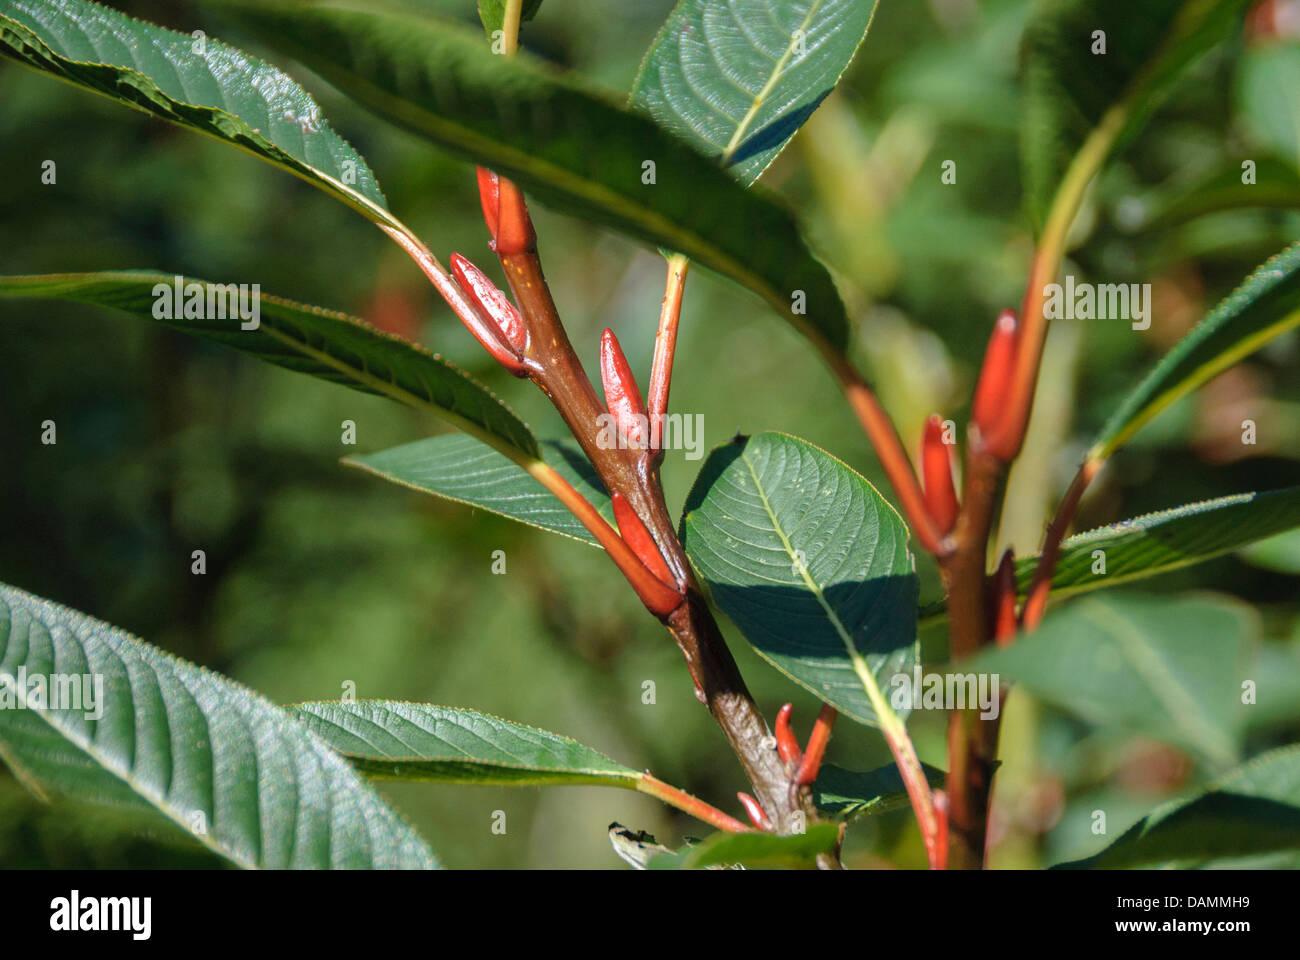 Farges saule (Salix fargesii), branche avec bourgeons, Suisse Photo Stock